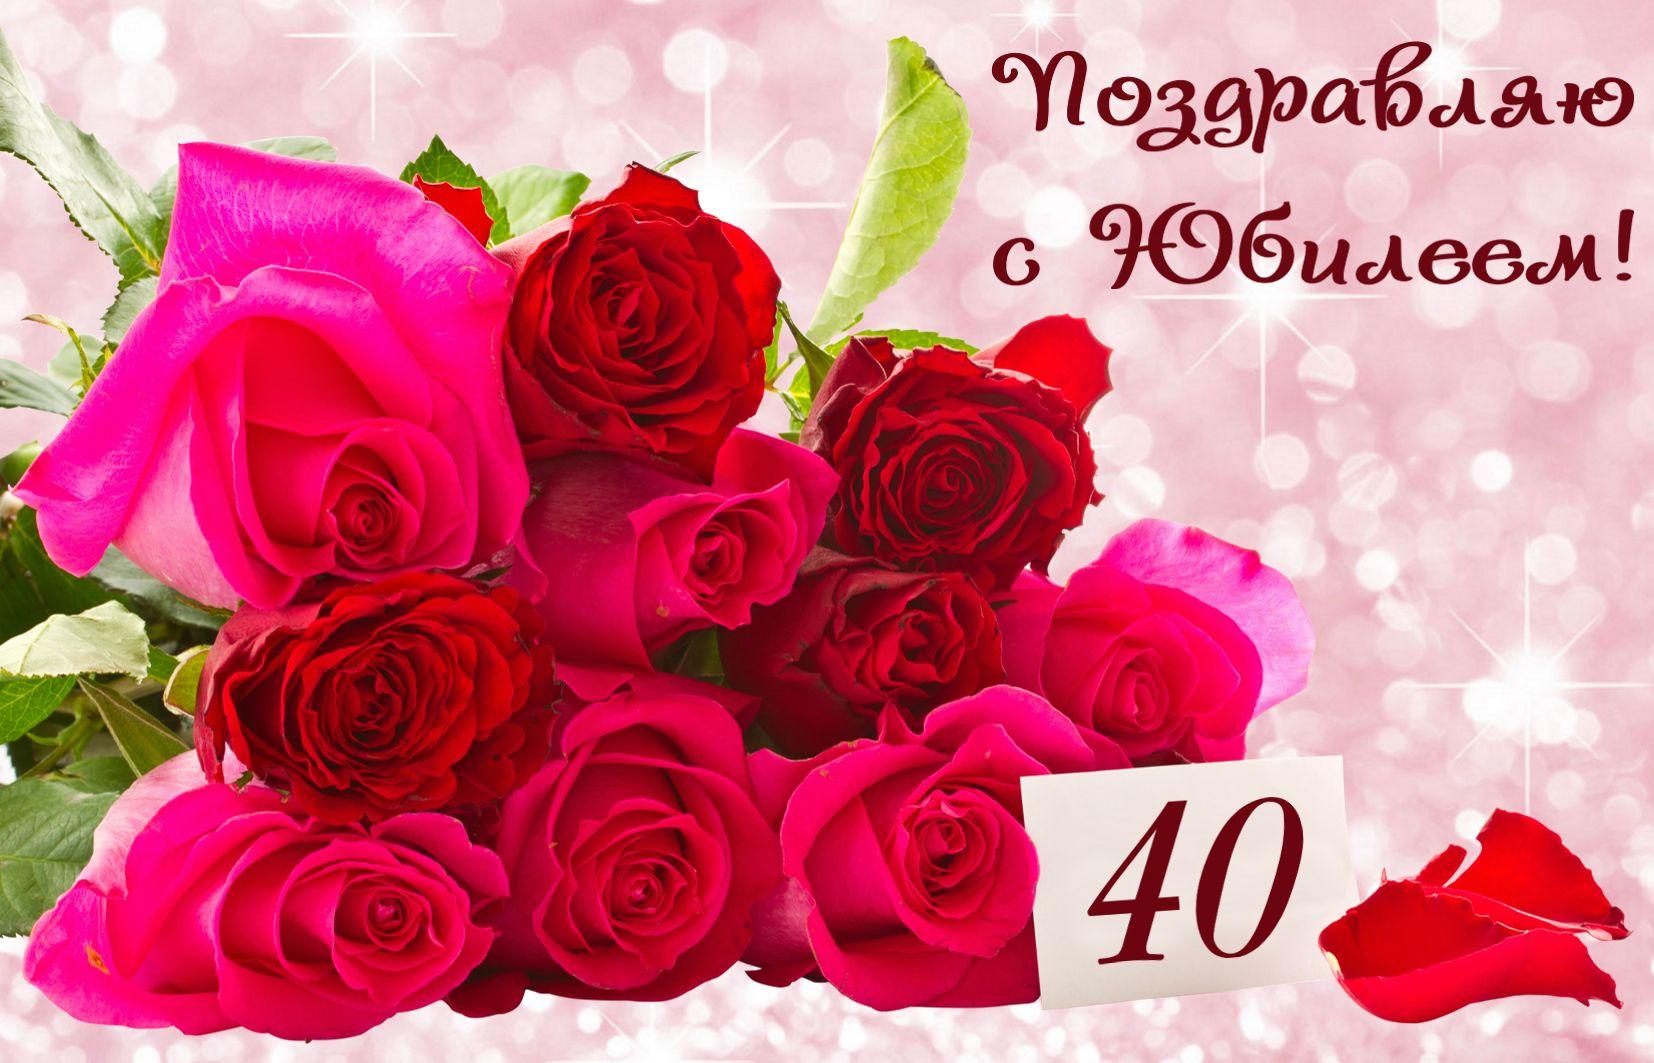 Открытка на 40 лет - красивые розы на сияющем фоне к юбилею